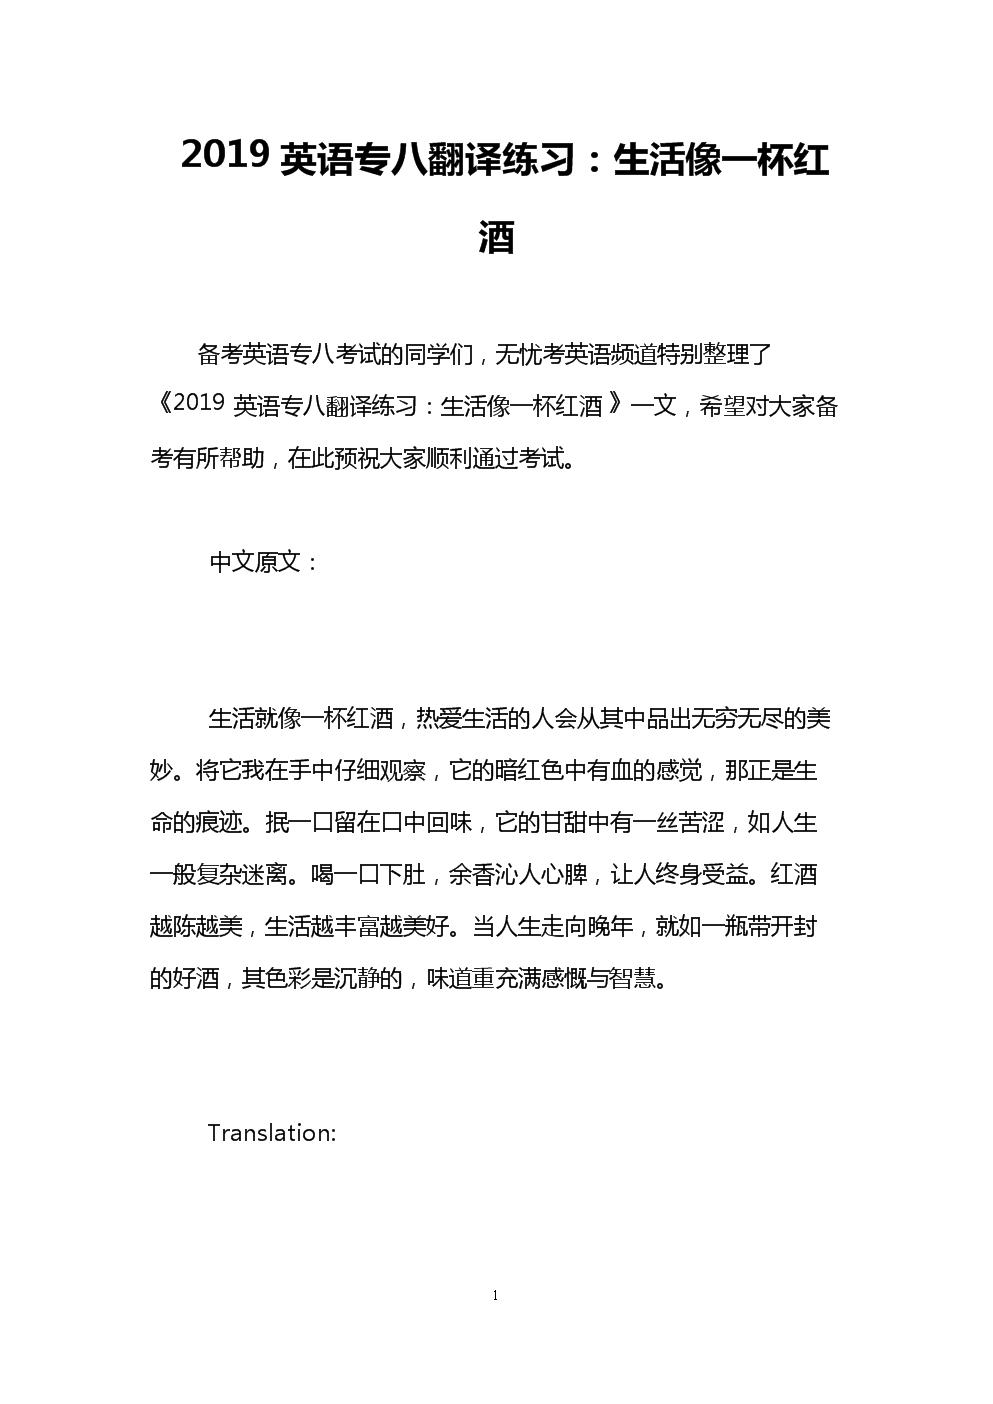 2019英语专八翻译练习:生活像一杯红酒.doc